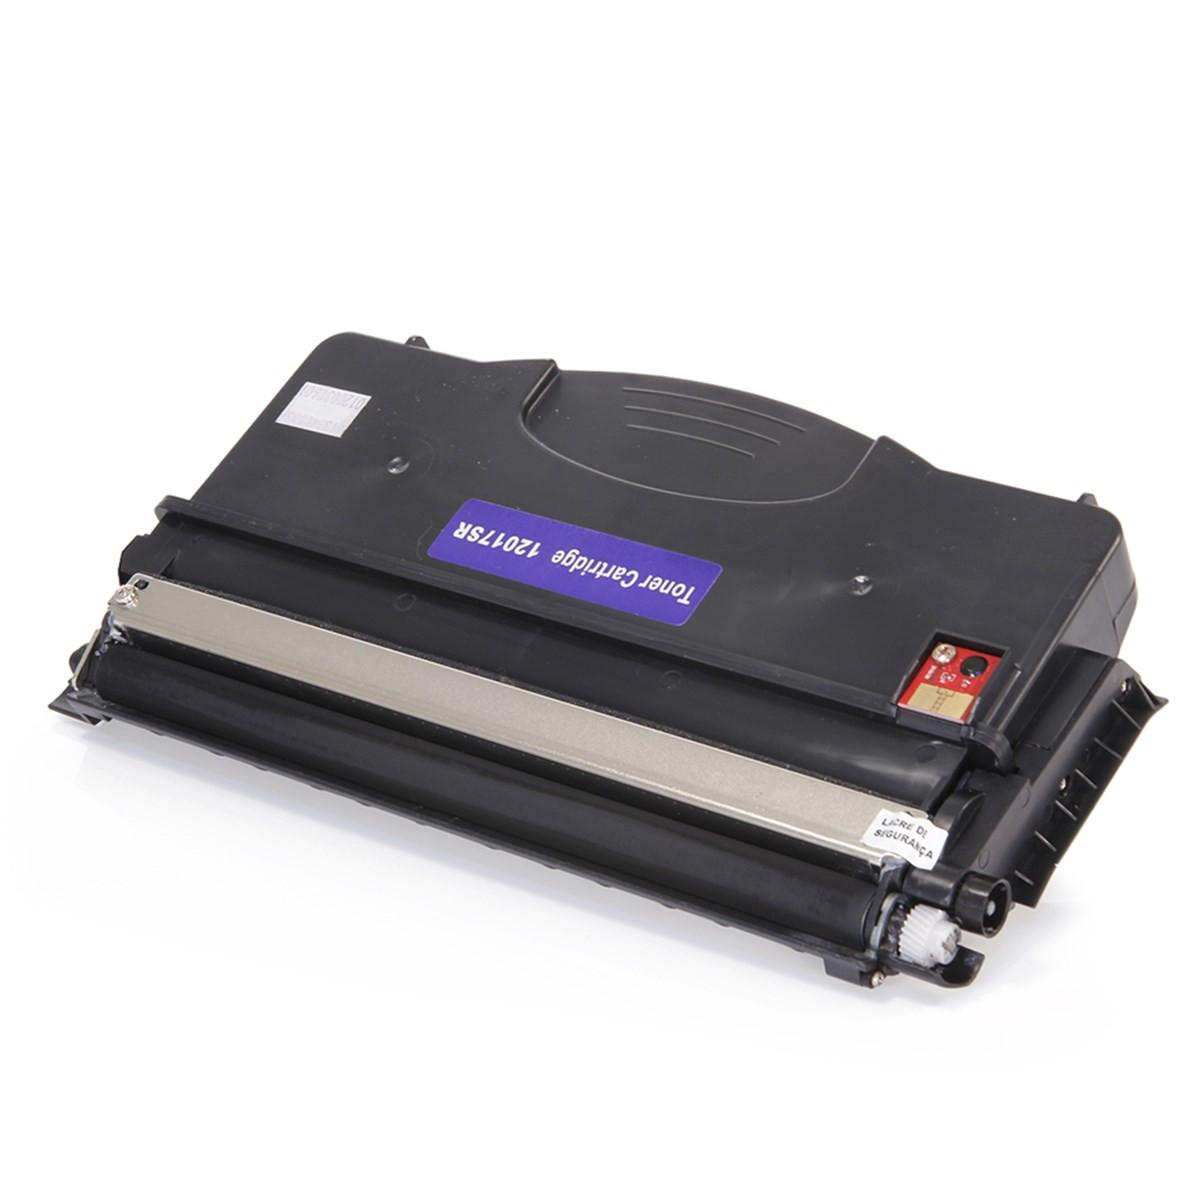 Toner Compatível com Lexmark E120 E120N 12018SL | Importado 2k